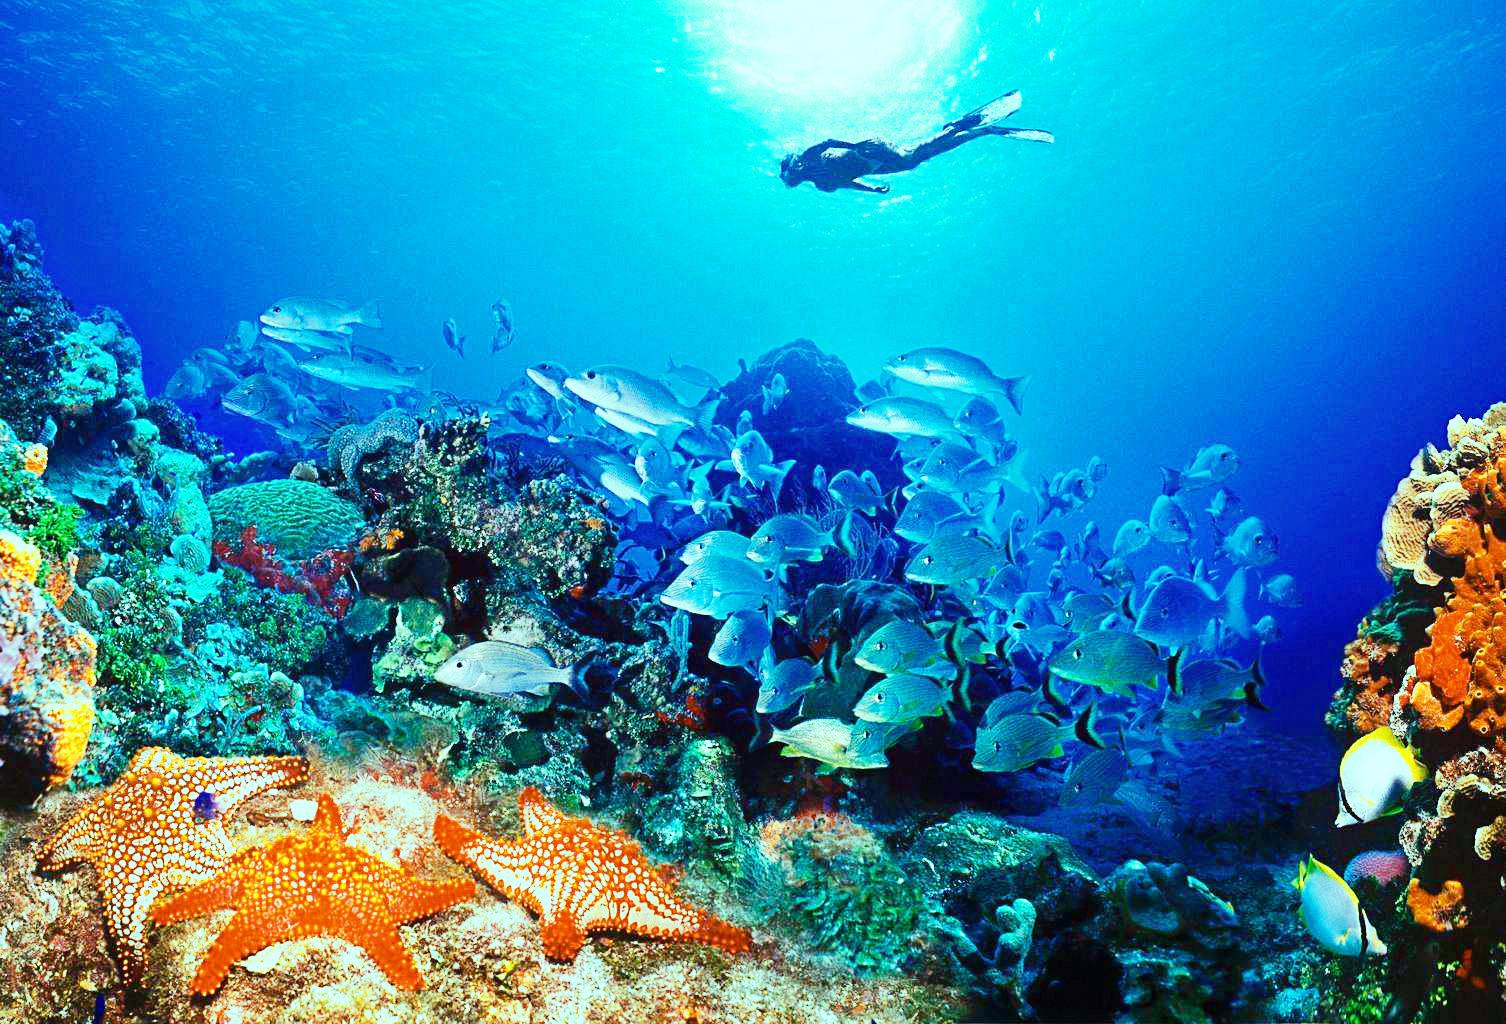 богатая жизнь в океане